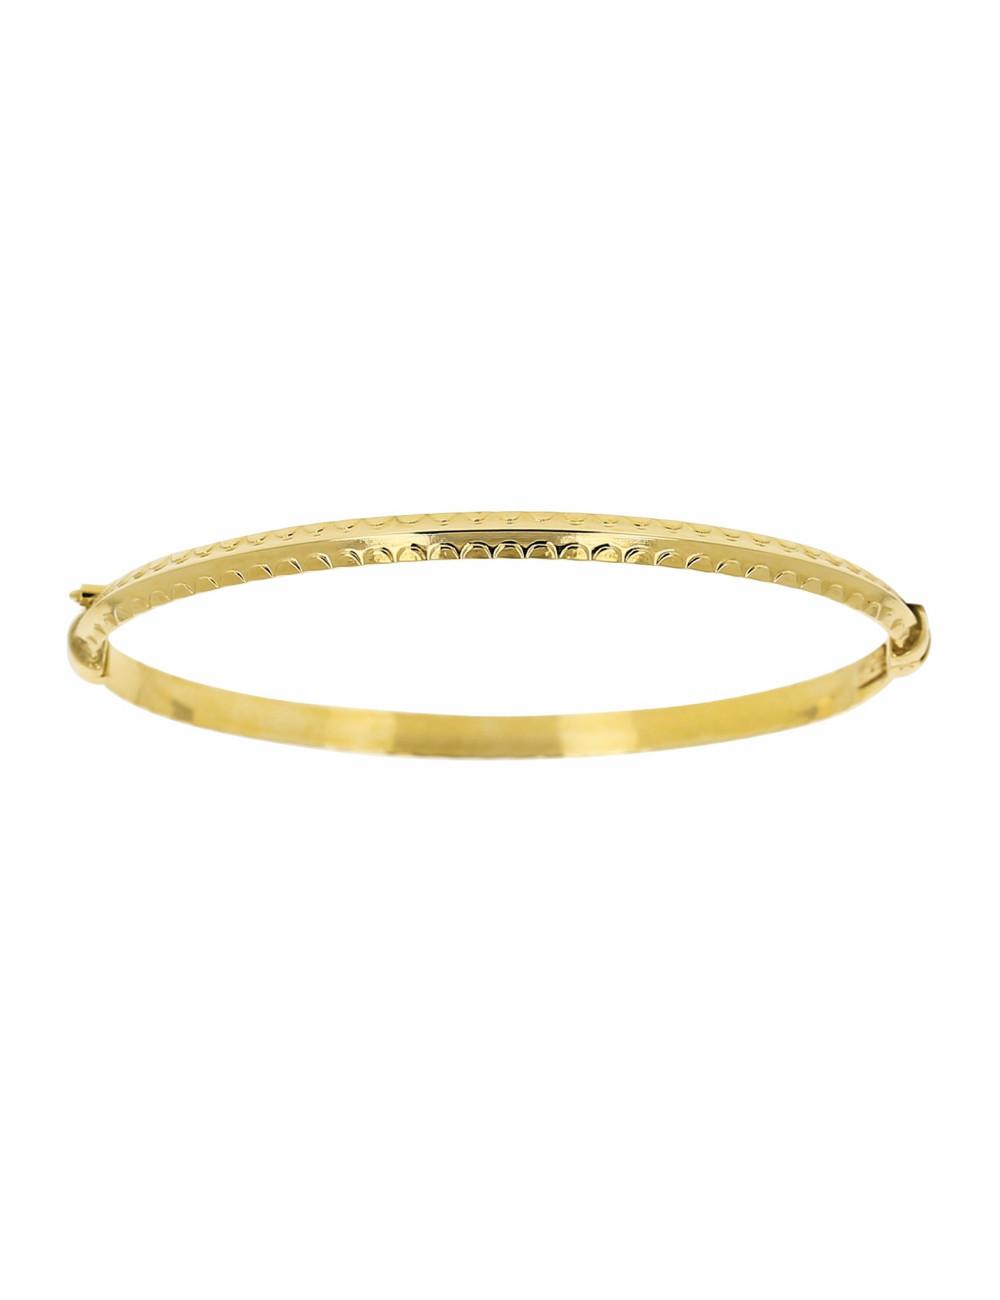 bracelet jonc esclave torsad stri or jaune 18 carats. Black Bedroom Furniture Sets. Home Design Ideas